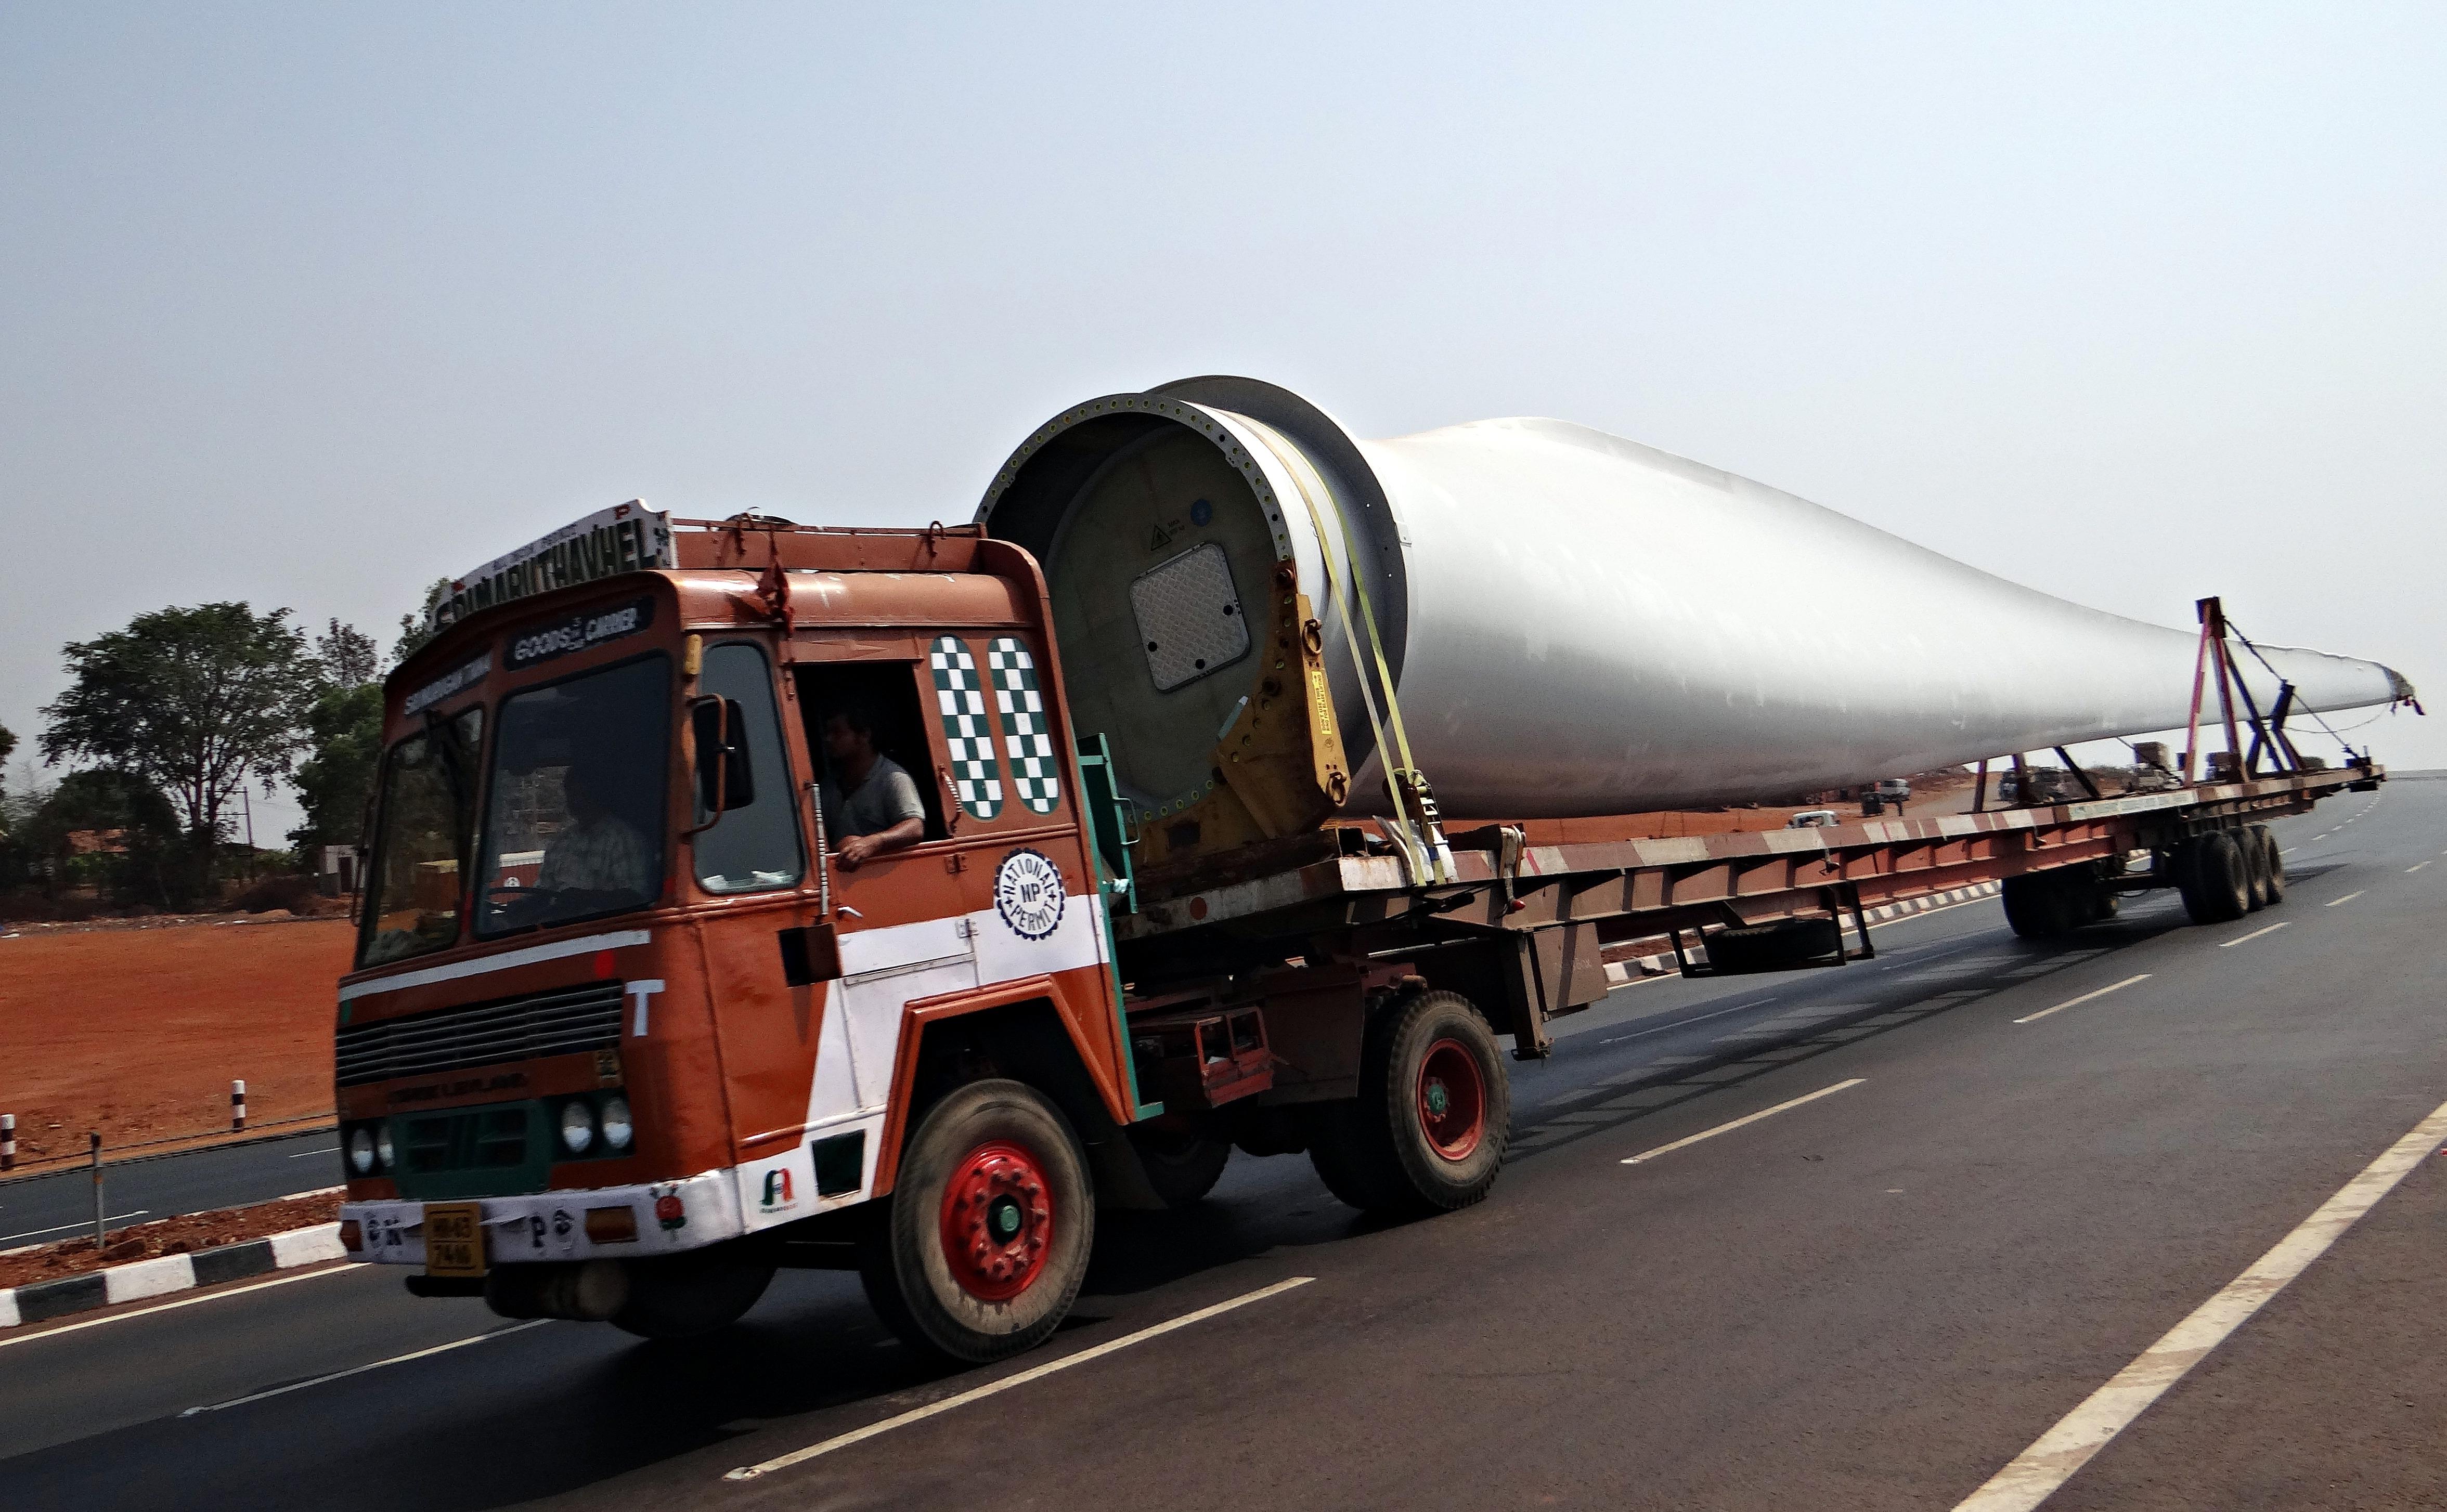 Free Images : highway, asphalt, transportation, lorry ...